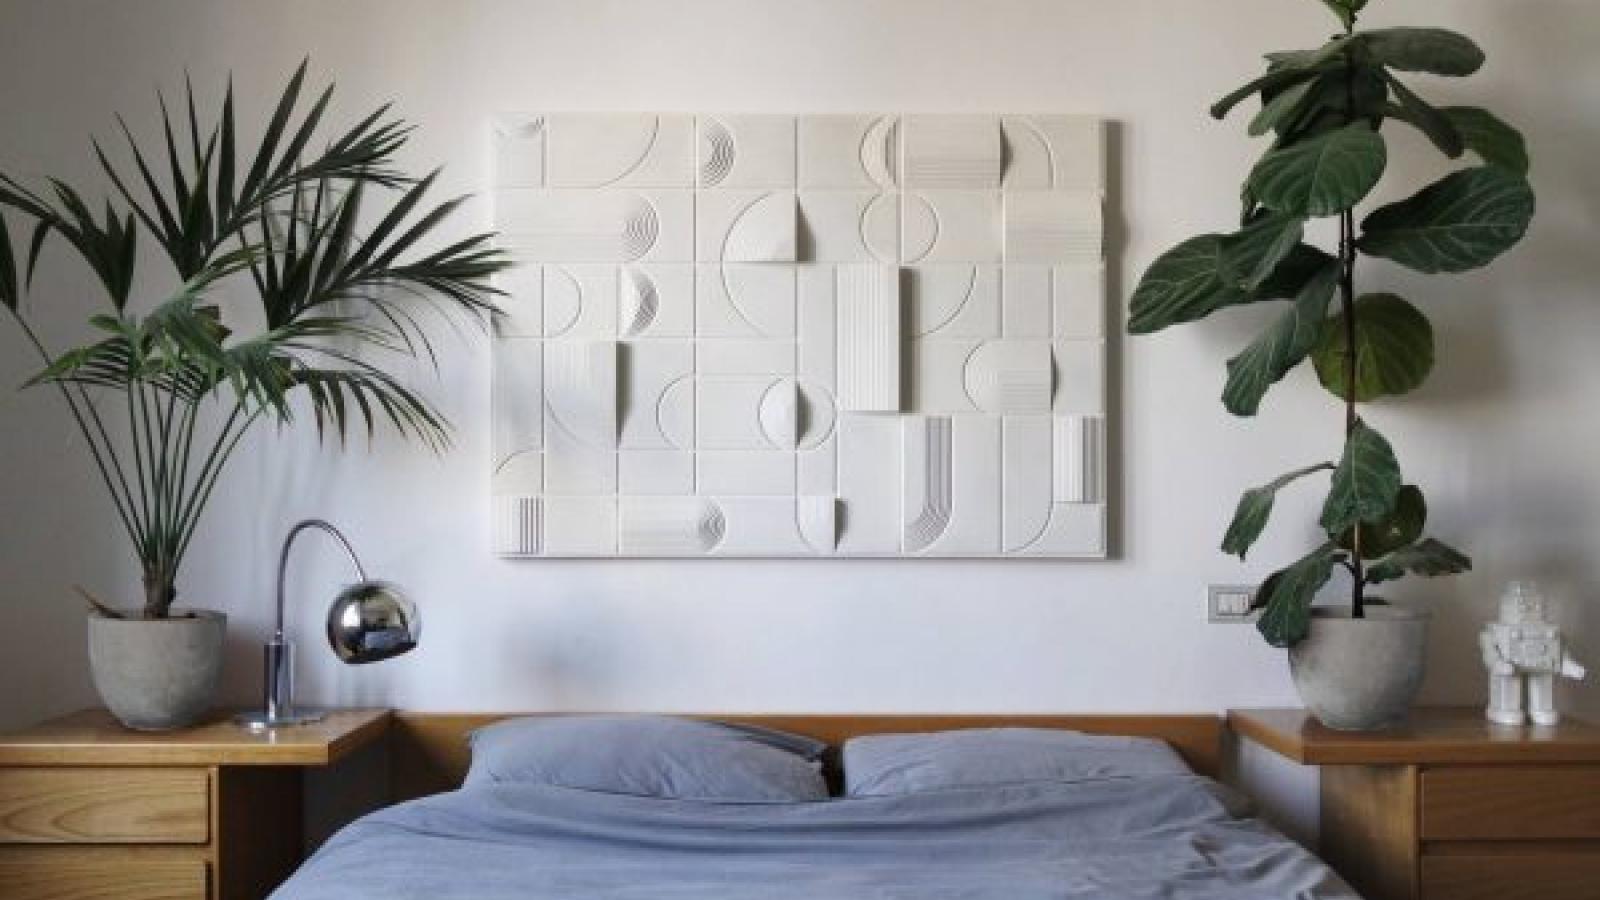 Những ý tưởng trang trí phòng ngủ đầy mới mẻ và lạ mắt